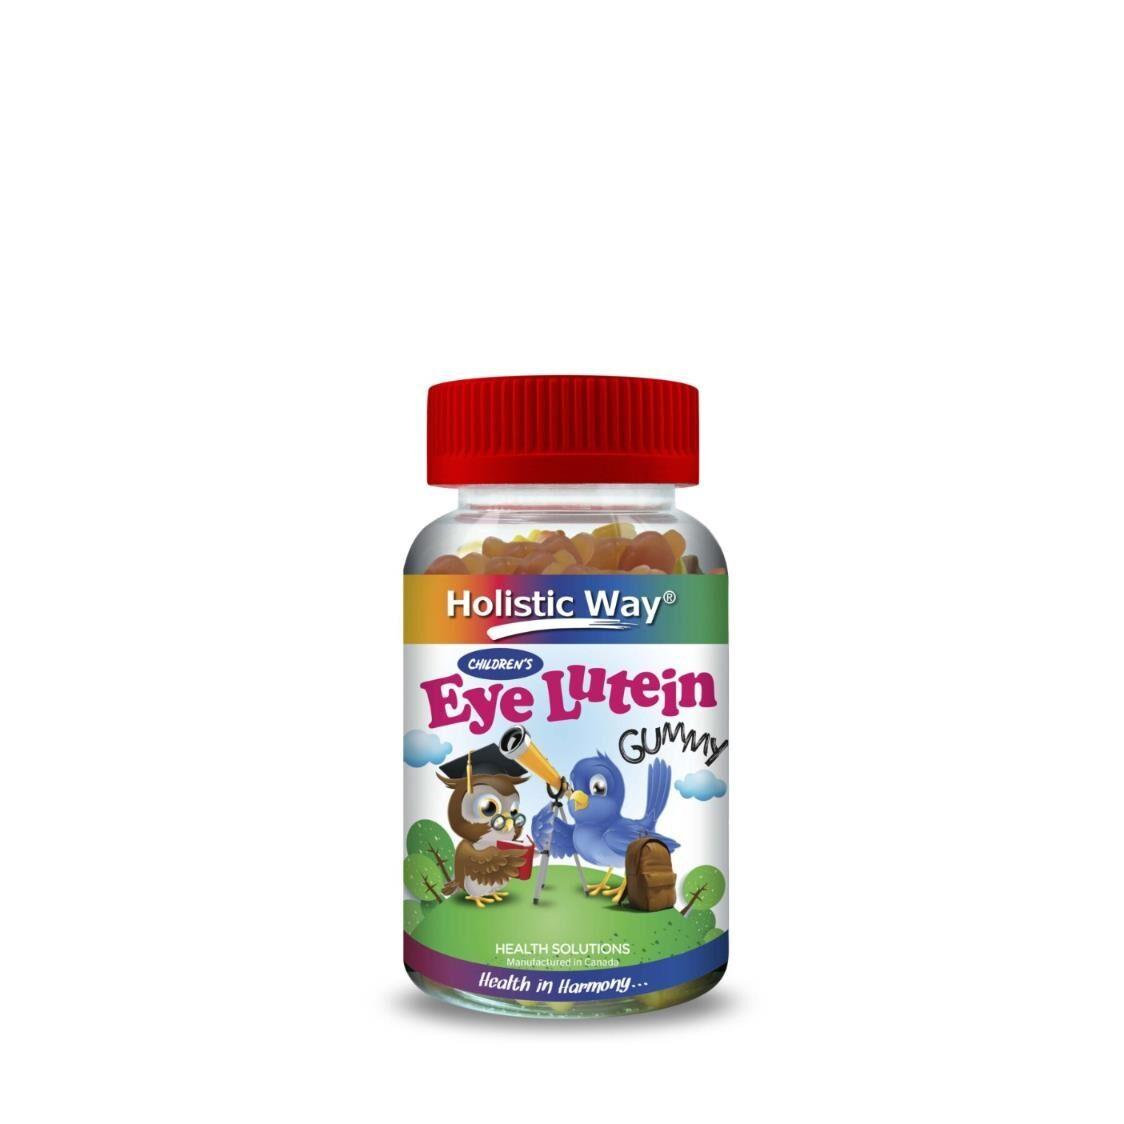 Holistic Way Childrens Eye Lutein Gummy 90 Gummies